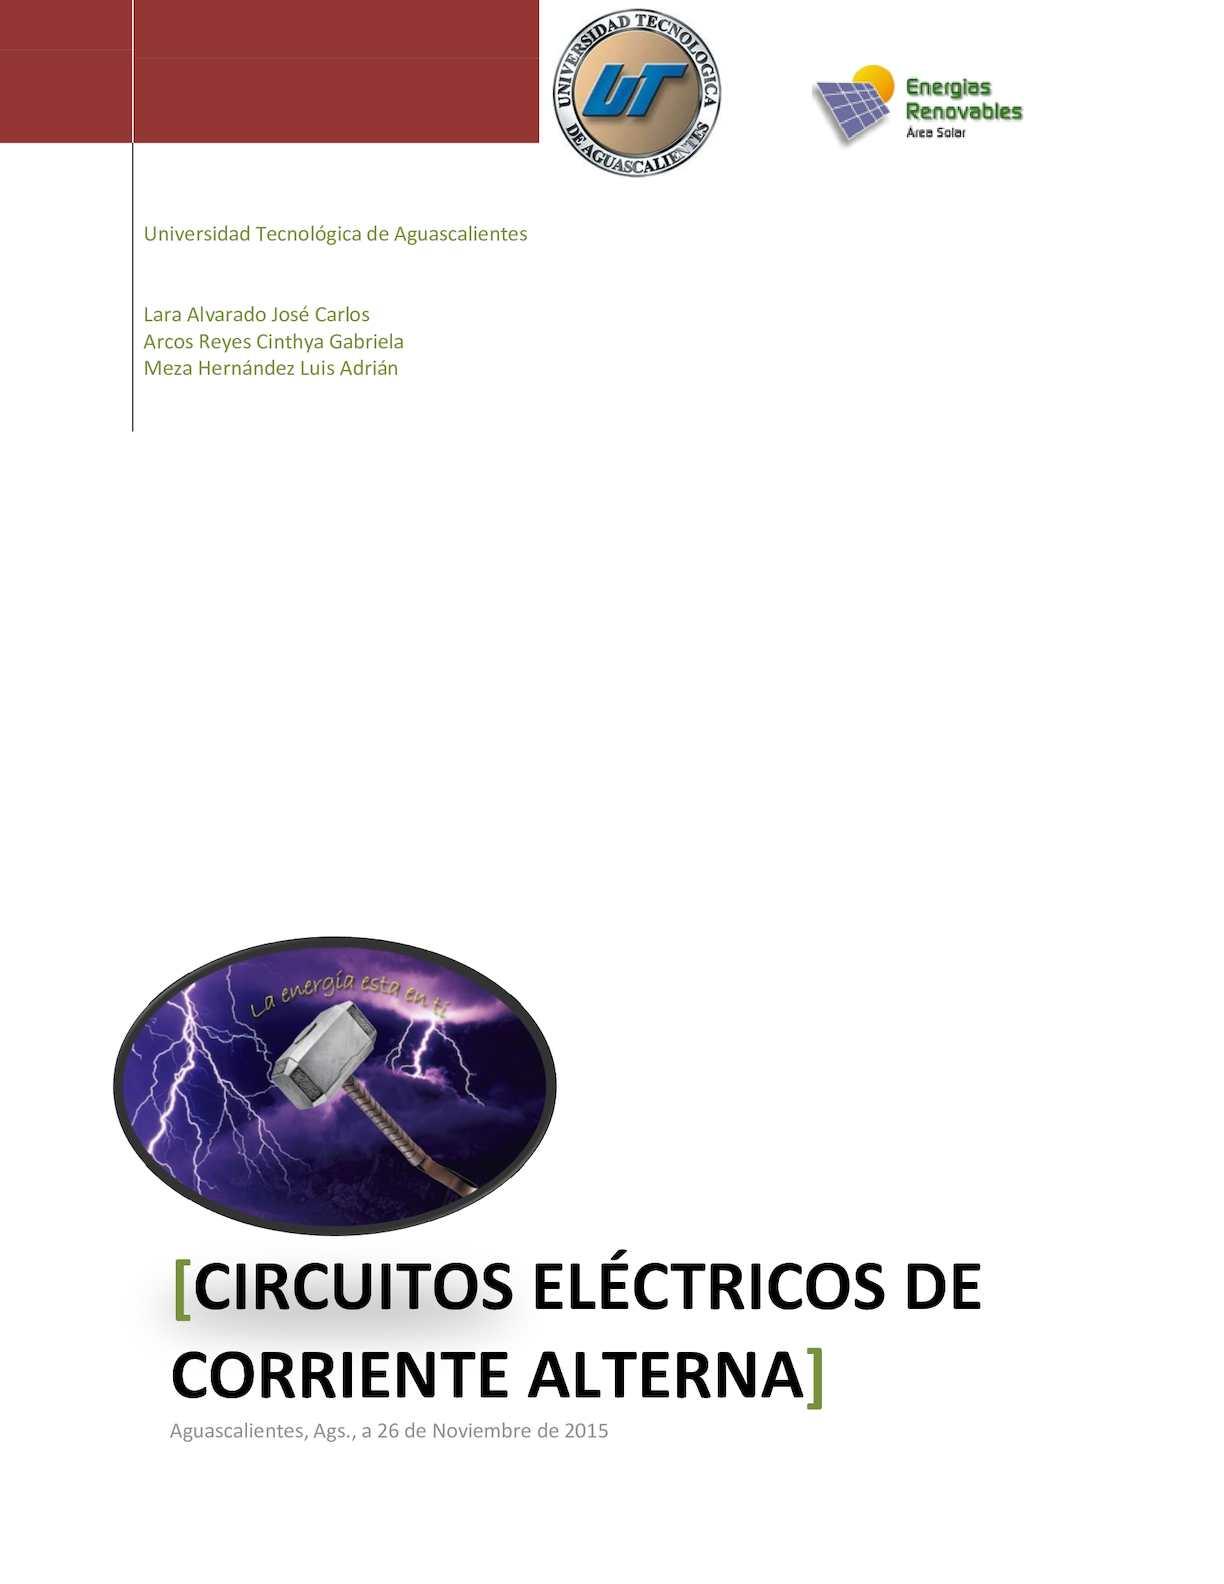 Circuito Que Recorre La Electricidad Desde Su Generación Hasta Su Consumo : Calaméo proyecto circuitos electricos informatica